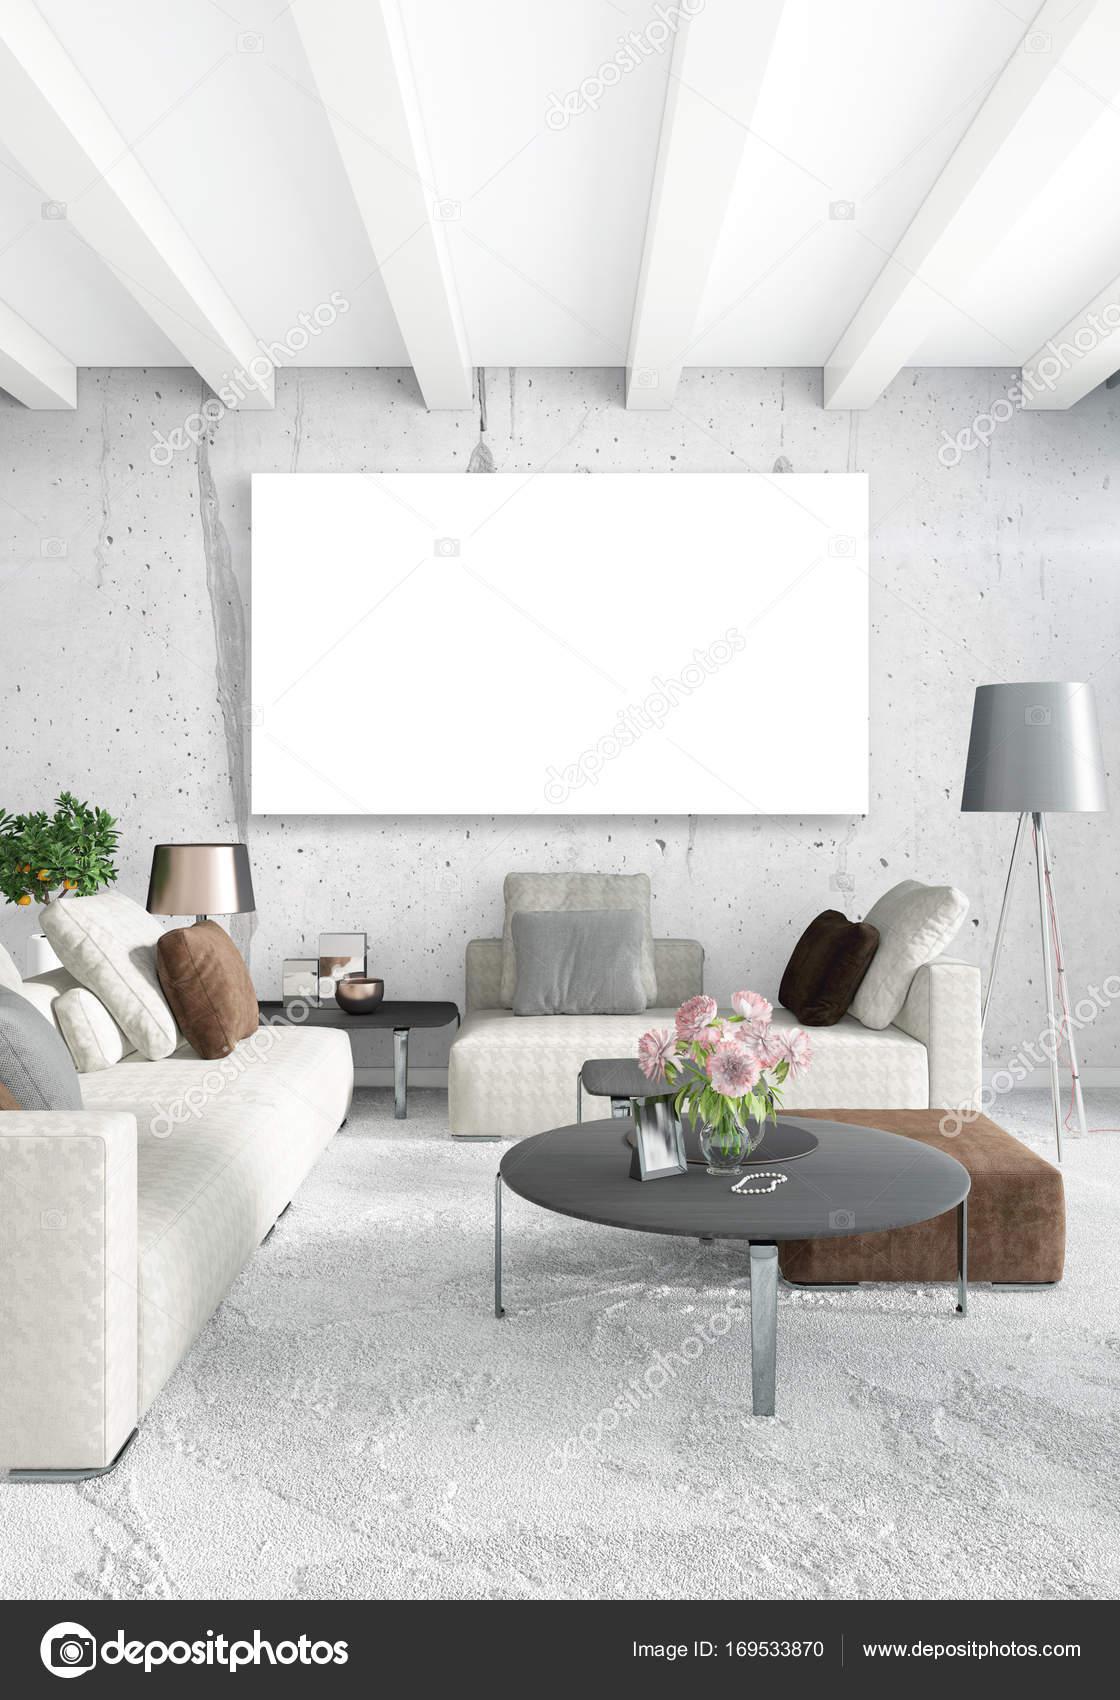 Loft-Schlafzimmer im modernen Stil Interior Design mit vielseitigen ...